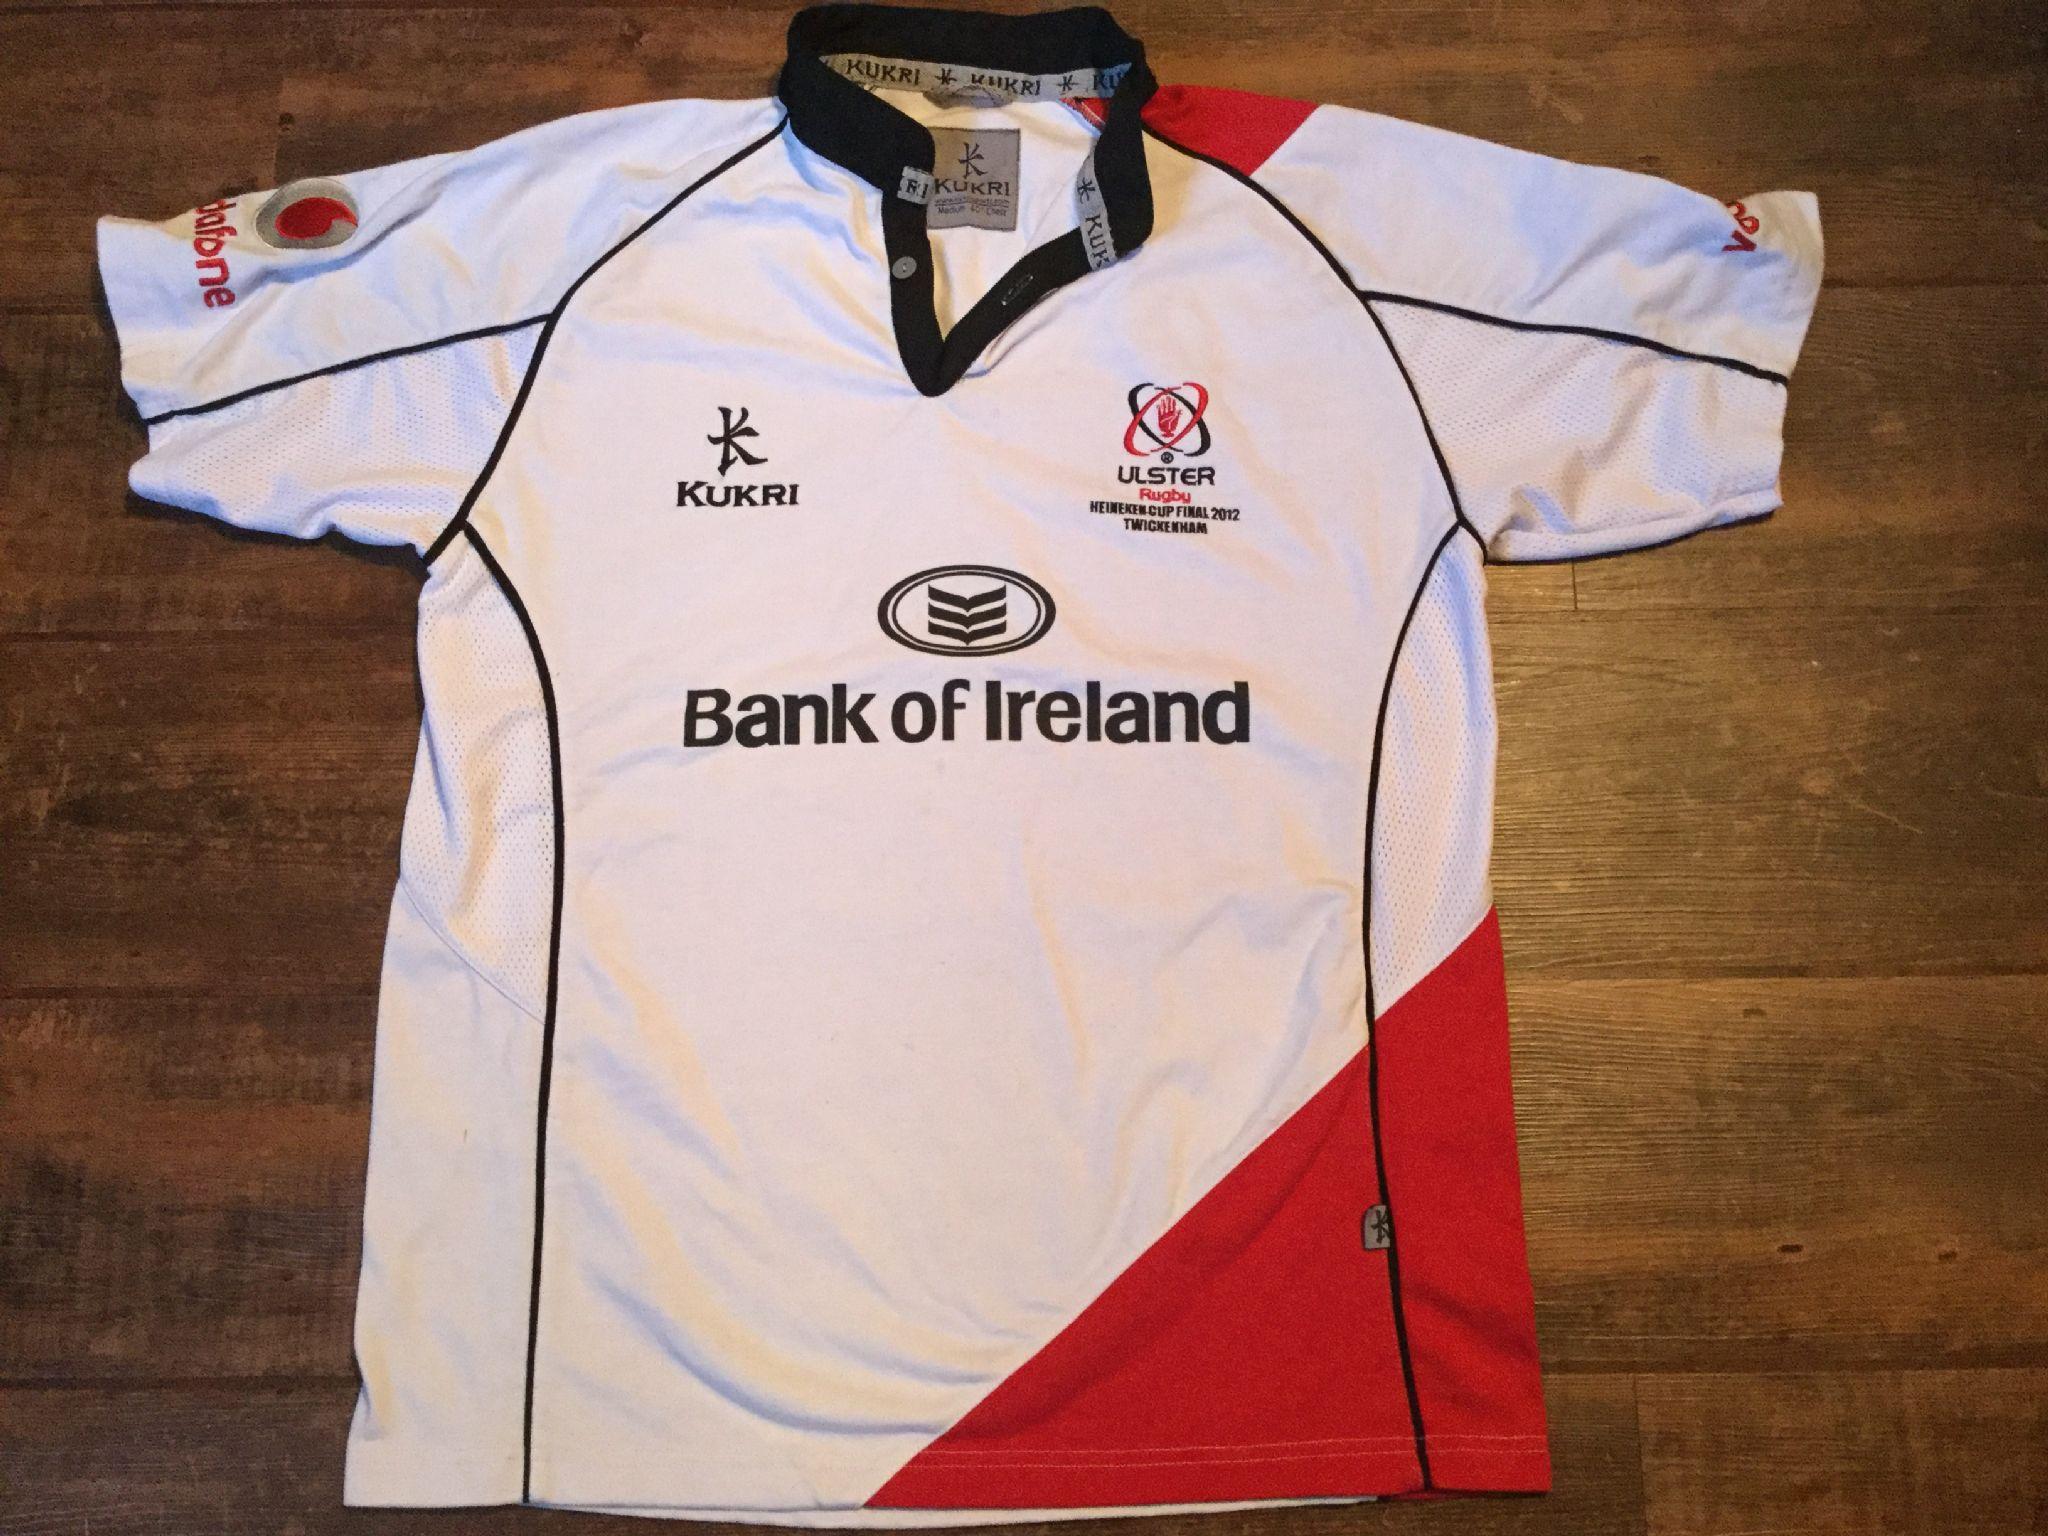 fbfdd52e357 2011 2012 Ulster Heineken Cup Final Rugby Union Shirt Adults Medium